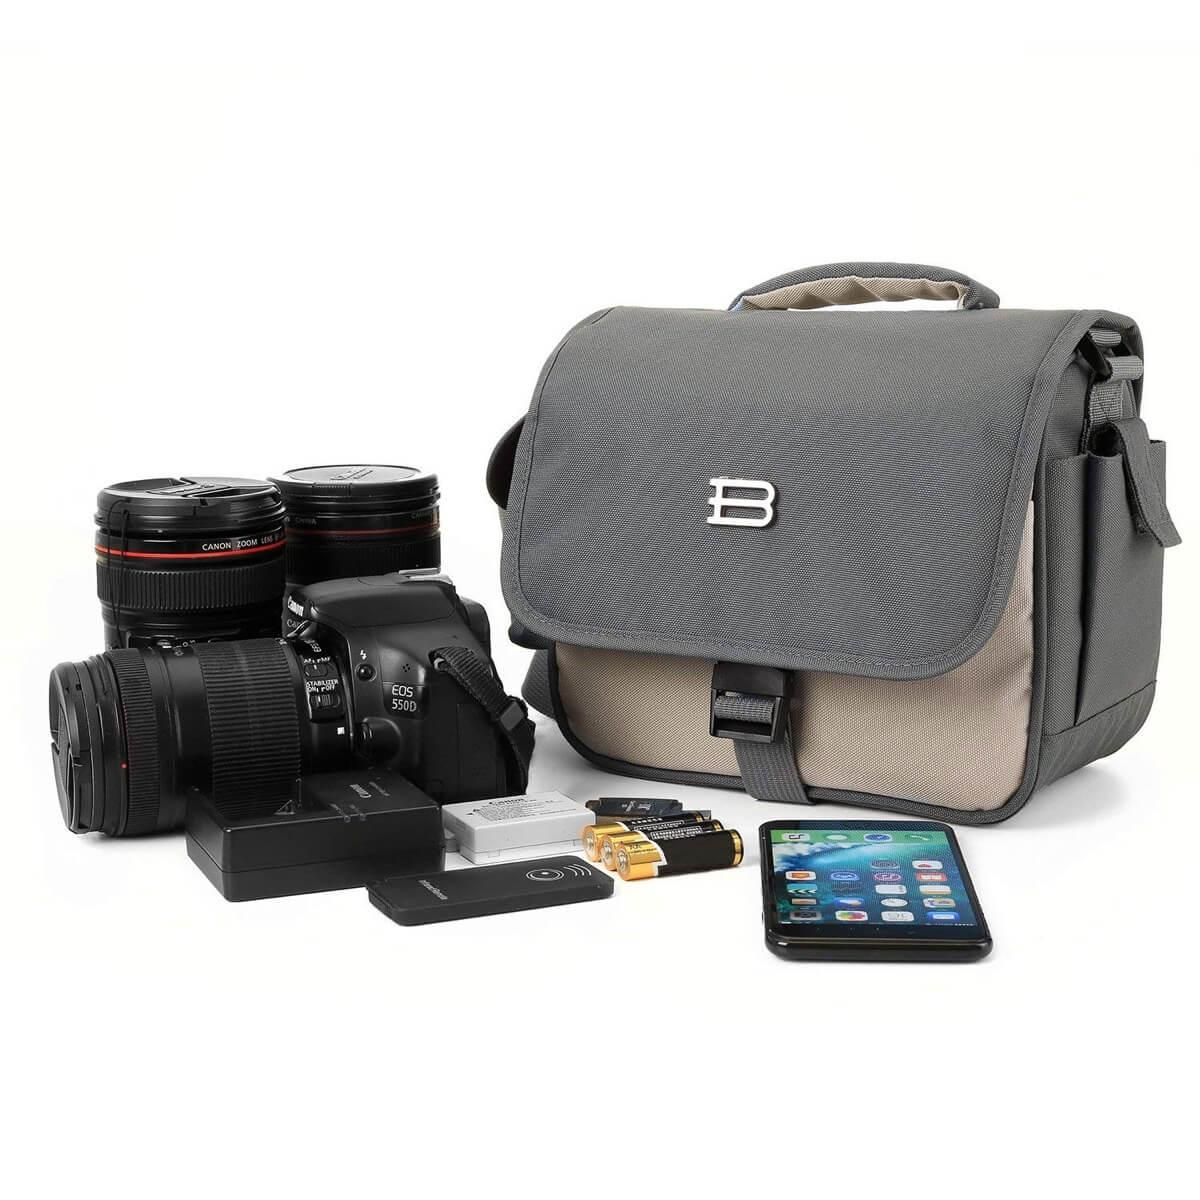 BAGSMART Digital SLR/DSLR Compact Camera Shoulder Bag